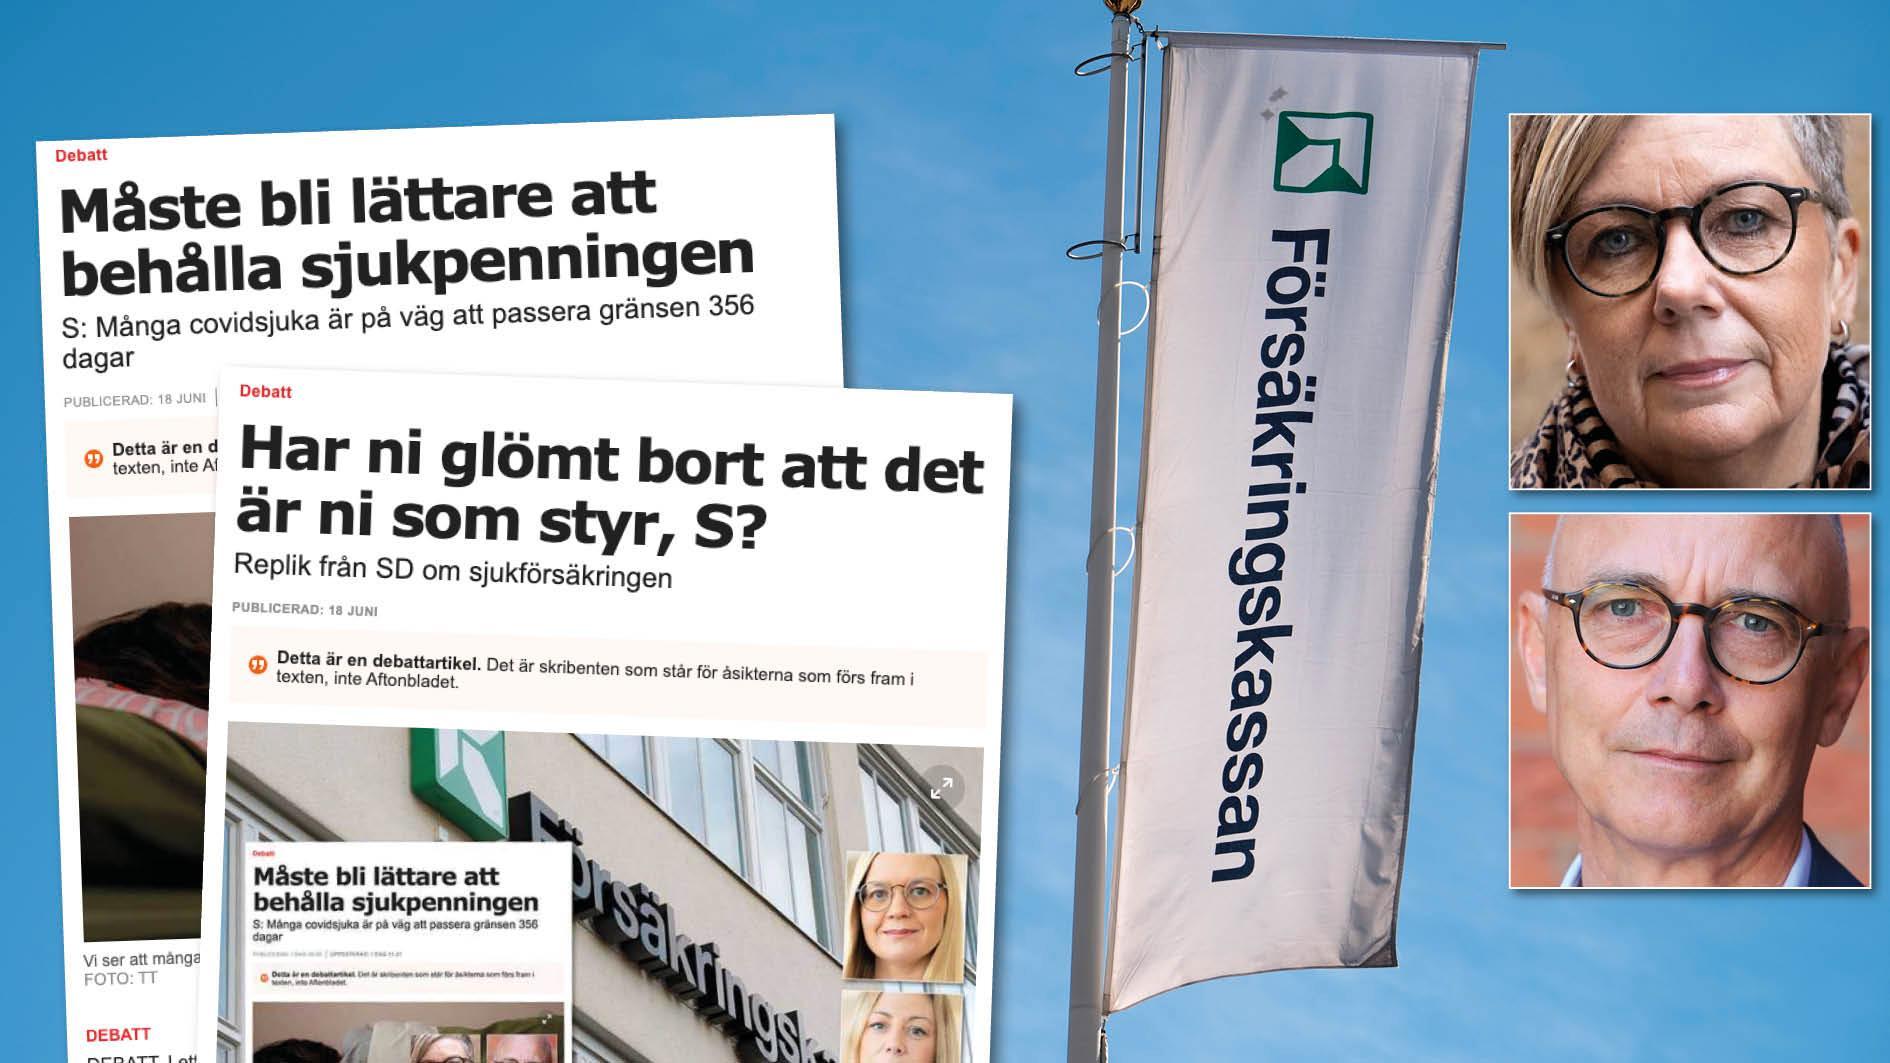 Det är uppenbart att det krävs lagändringar för att åstadkomma en trygg sjukförsäkring man kan lita på. Men det kräver också en realistisk finansiering. Vi hoppas på en bred uppslutning för det i riksdagen. Slutreplik från Annelie Karlsson och Rikard Larsson.